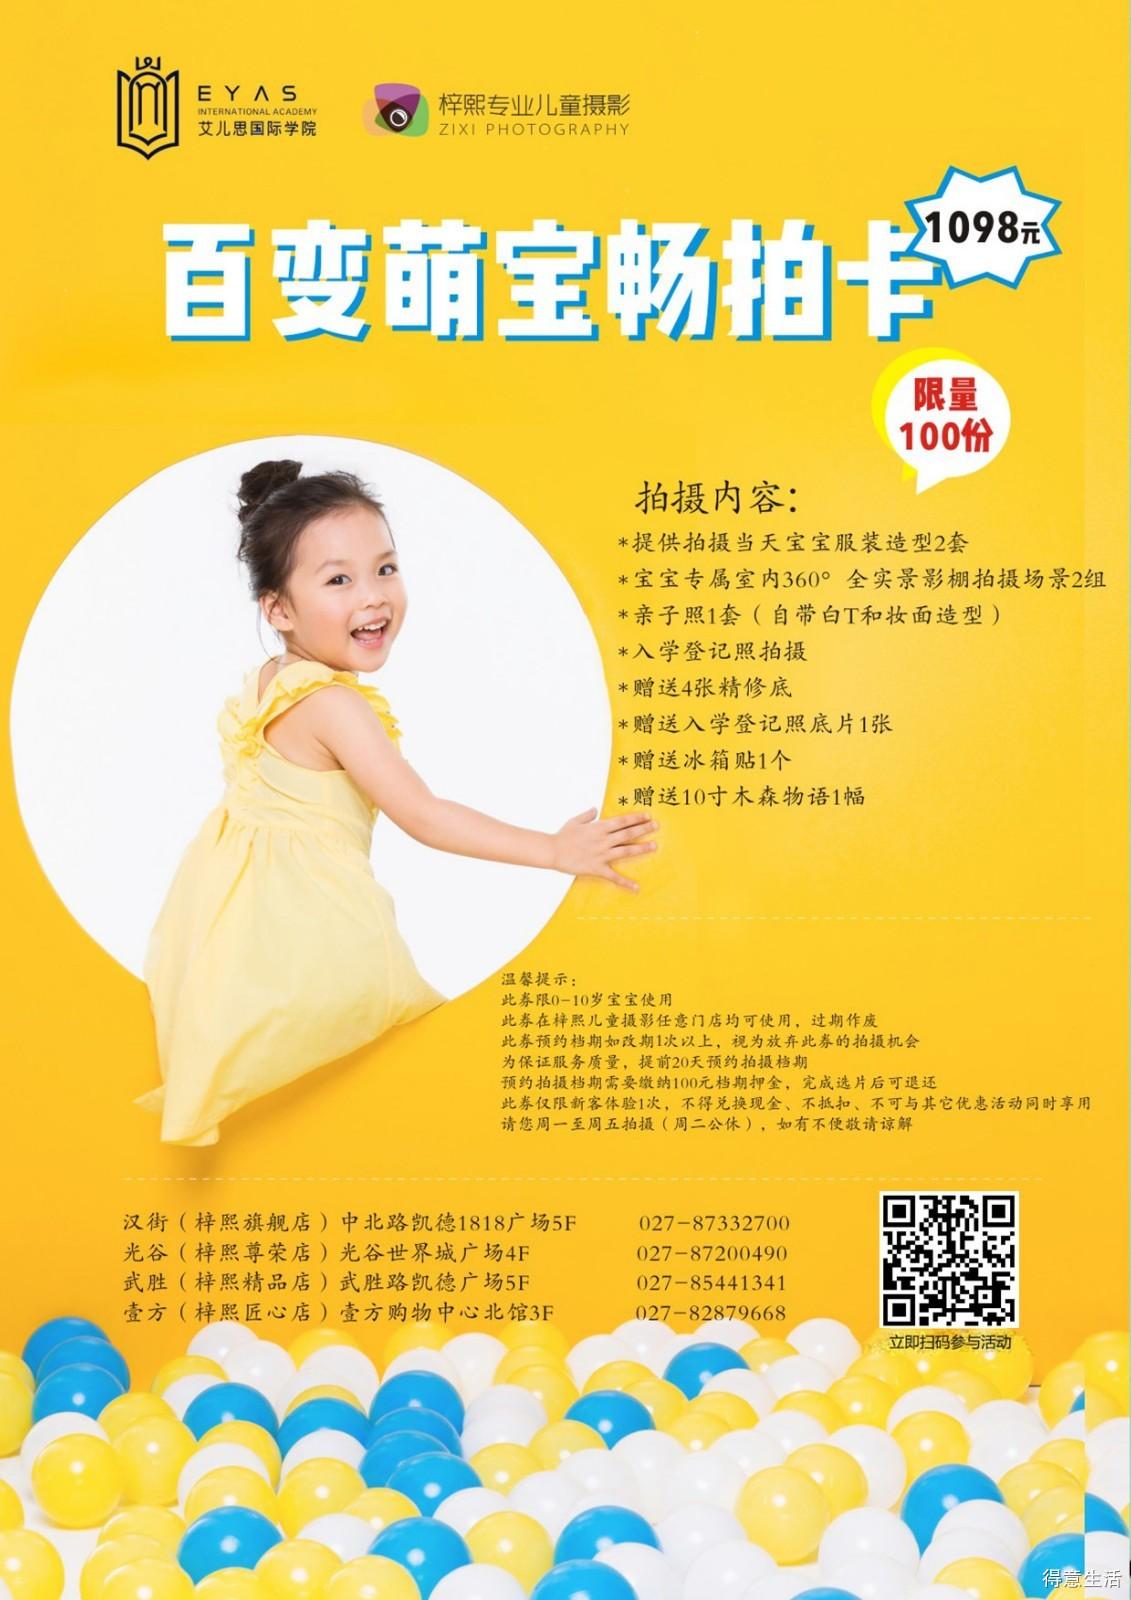 妈宝福利:儿童写真/亲子照免费拍,赠送4张精修含入学登记照,限量100份!